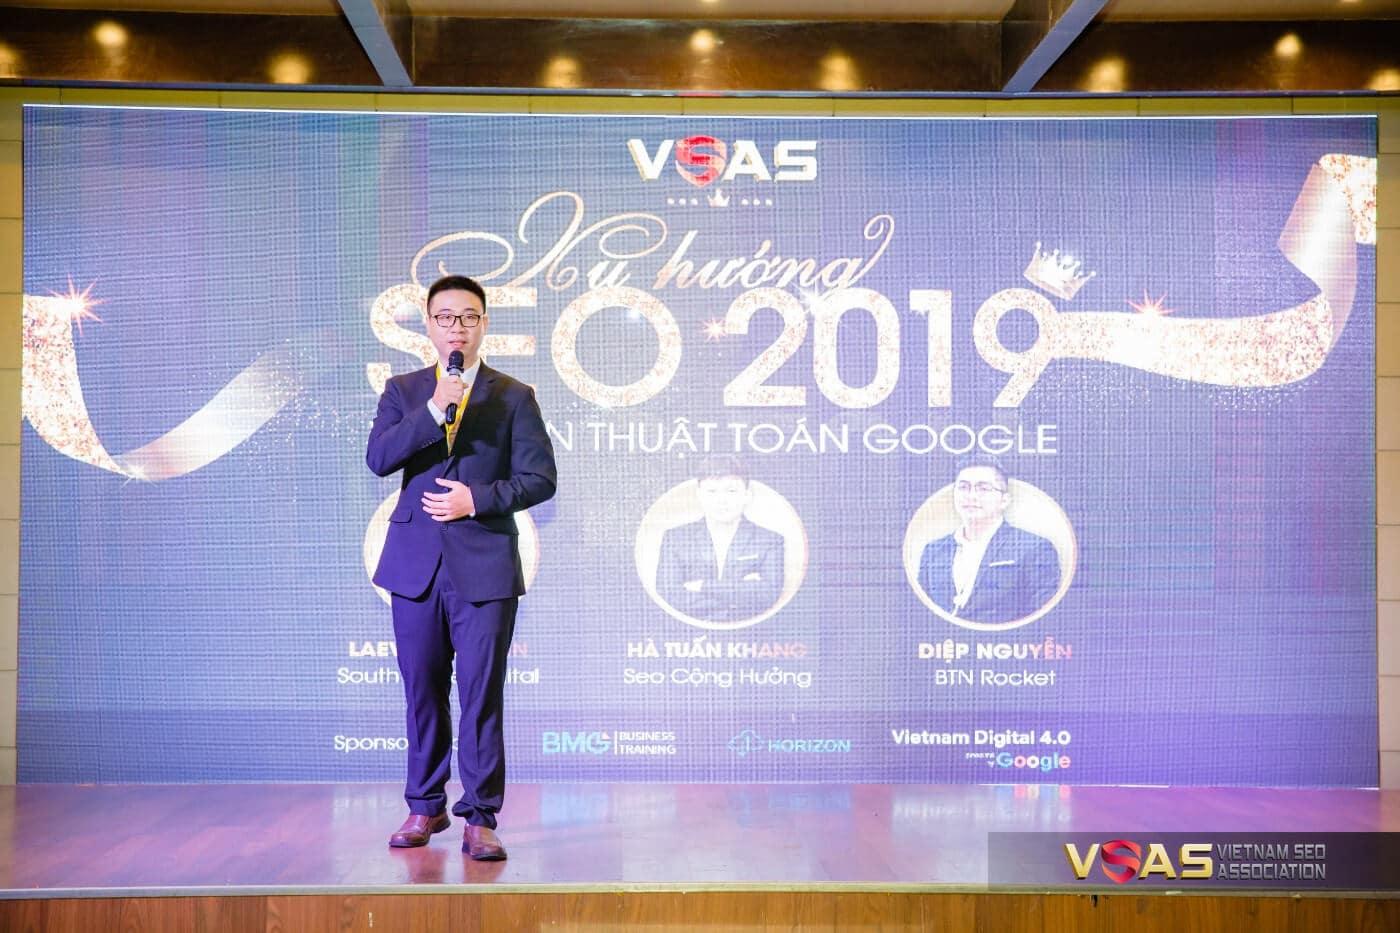 Laevis Nguyễn Laevis Nguyễn trình bày nội dung tại buổi SEO 2019 – Vén màn thuật tuán Google